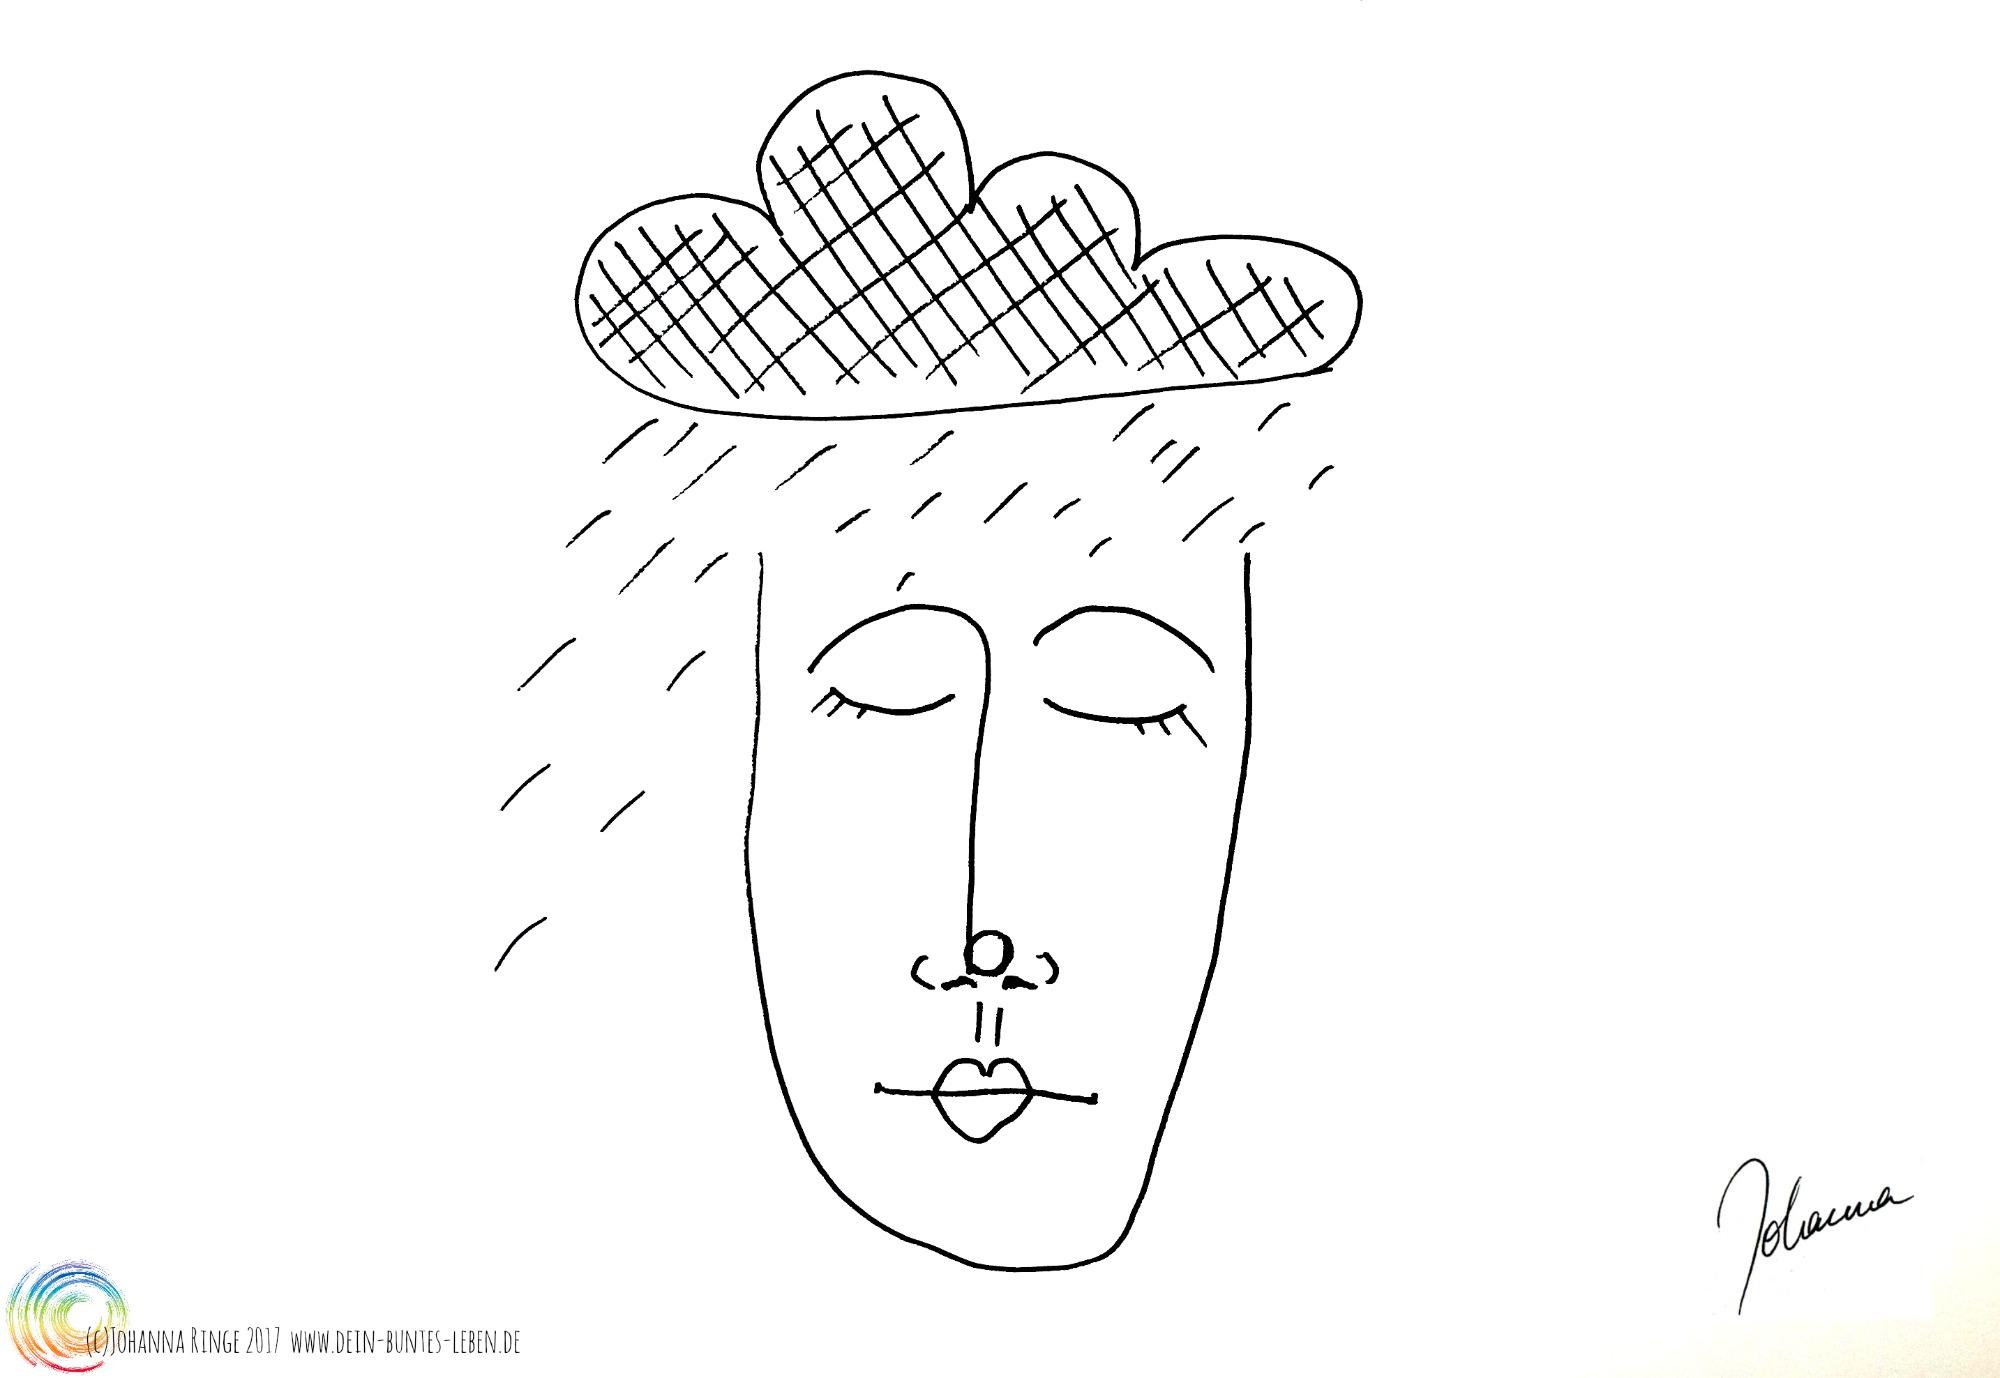 Zeichnung eines Gesichts unter dunkler Regenwolke: Depression, (c)Johanna Ringe 2017 www.dein-buntes-leben.de